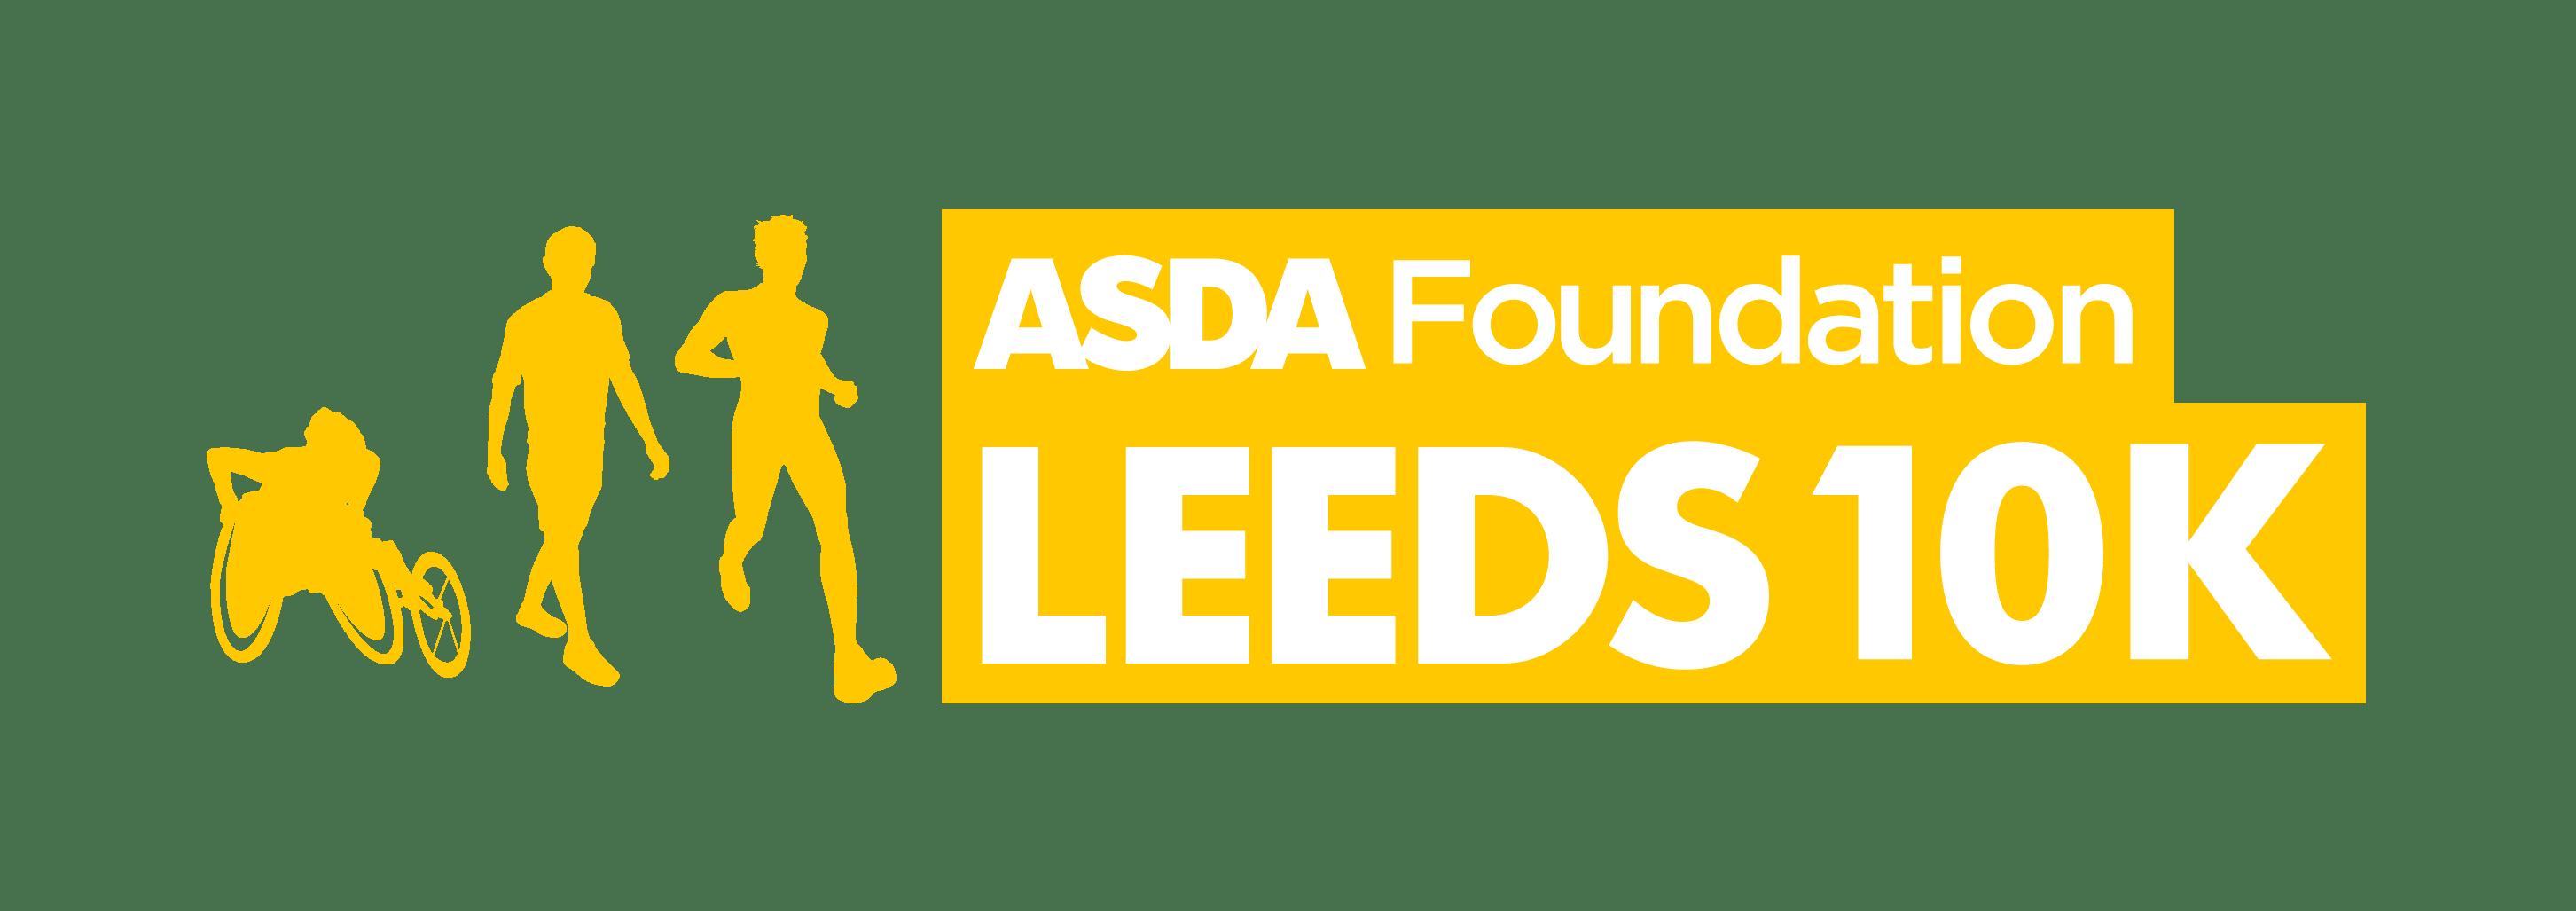 Leeds 10k 2020